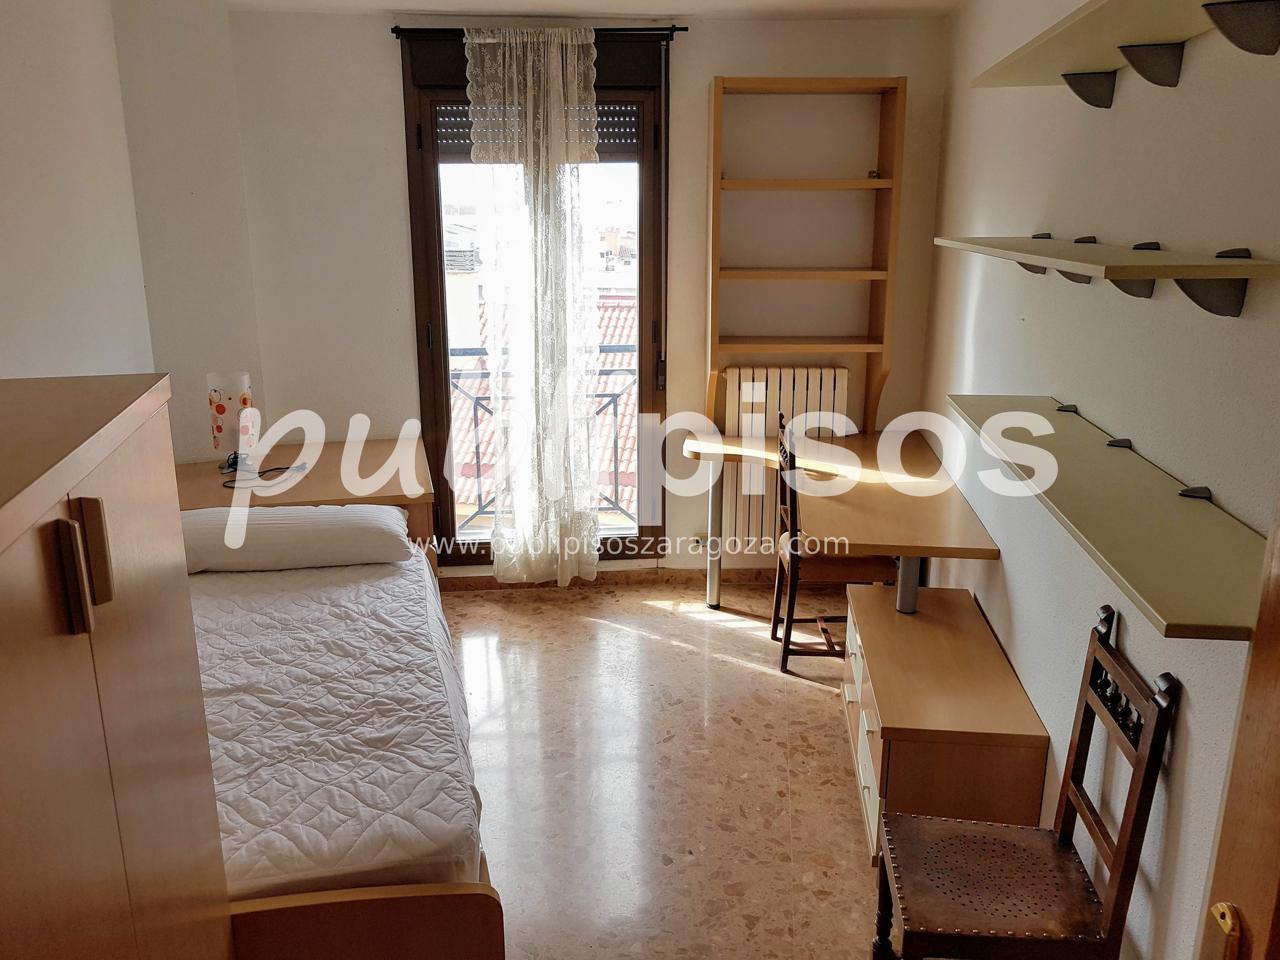 Piso alquiler con garaje y vistas centro Zaragoza-21